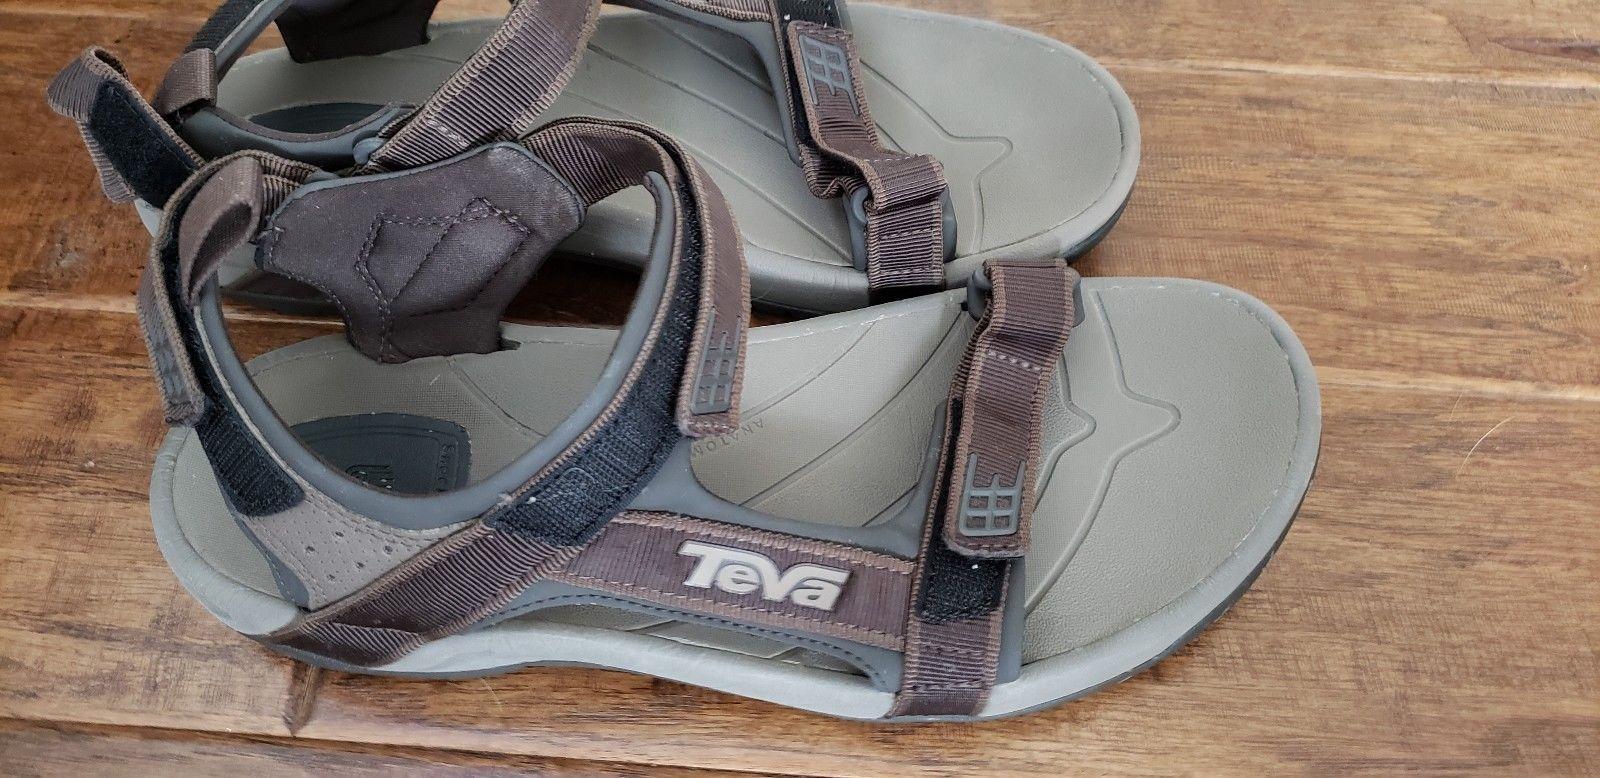 026f58d7fa5f Men s TEVA Tanza M Sandal Brown BRN 4141 and 50 similar items. S l1600